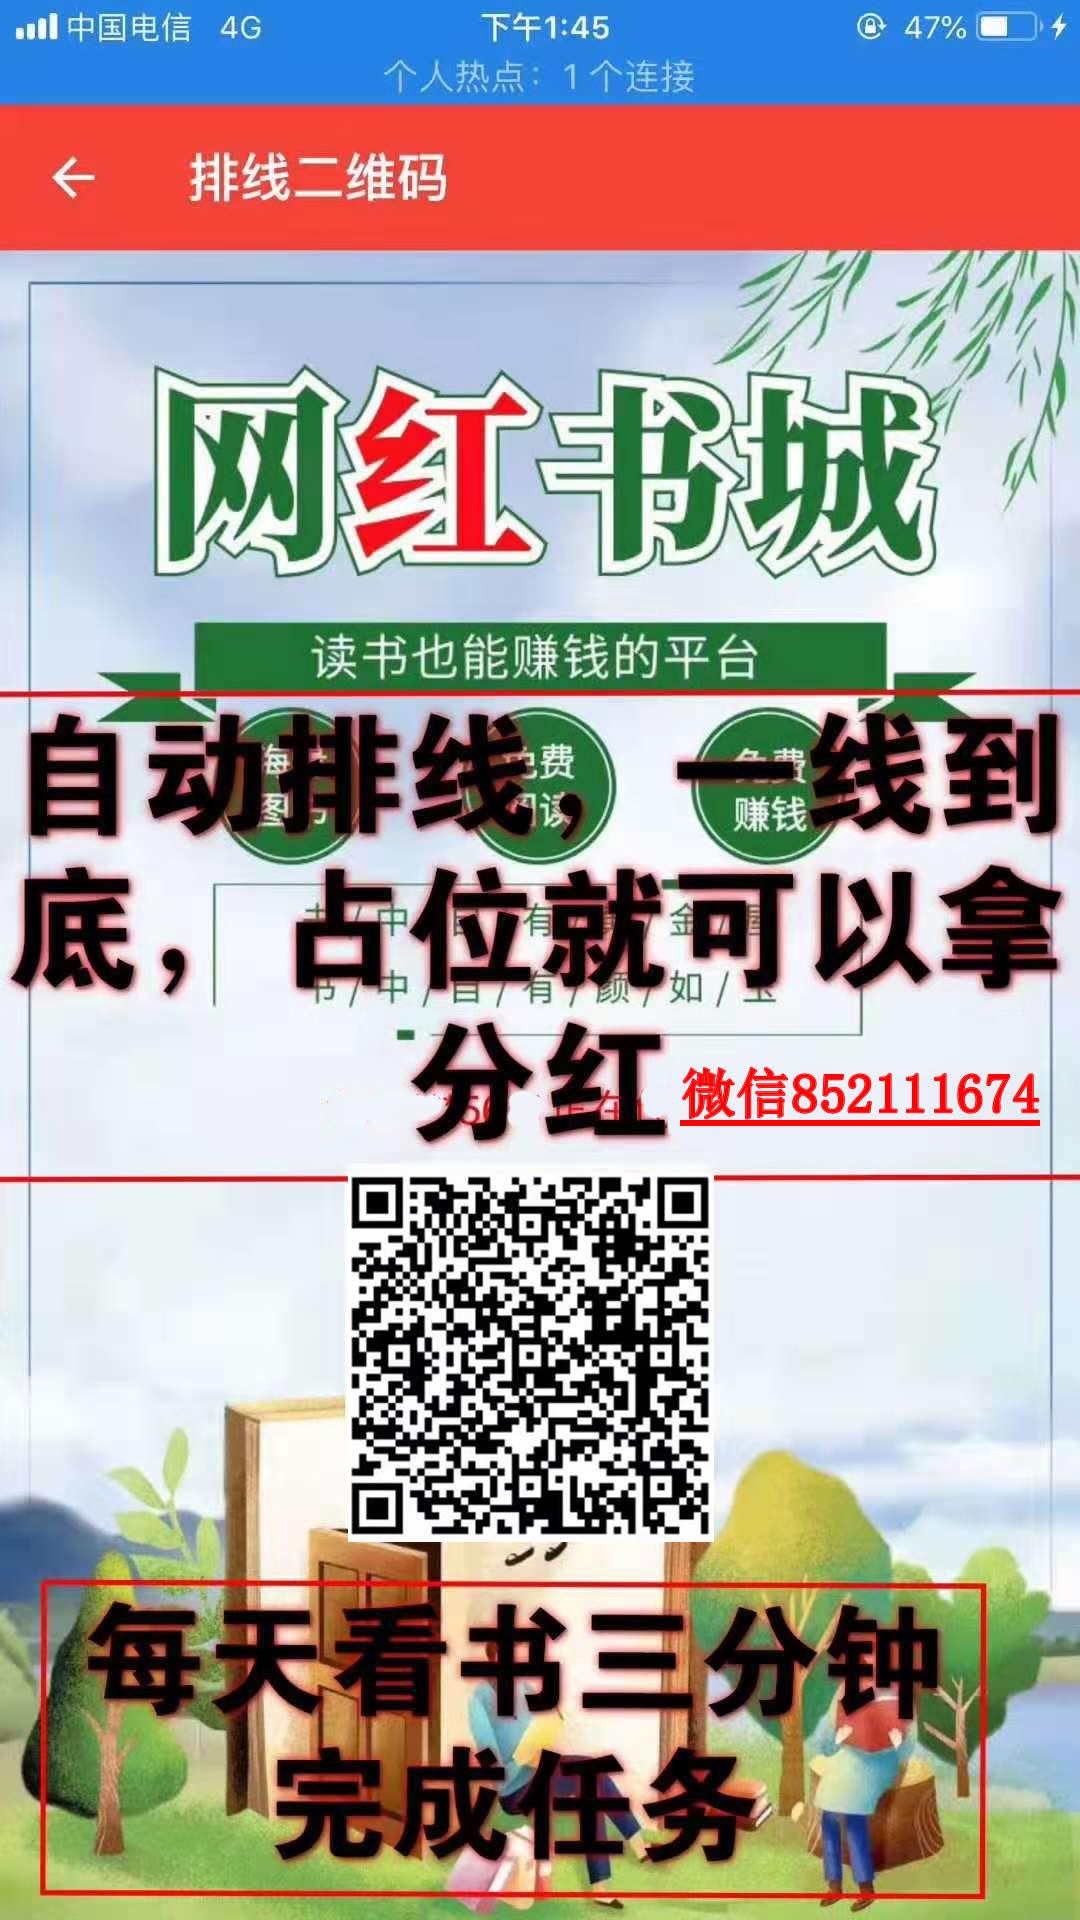 网红书城 看书也能赚钱0鲁推广投资三种玩法